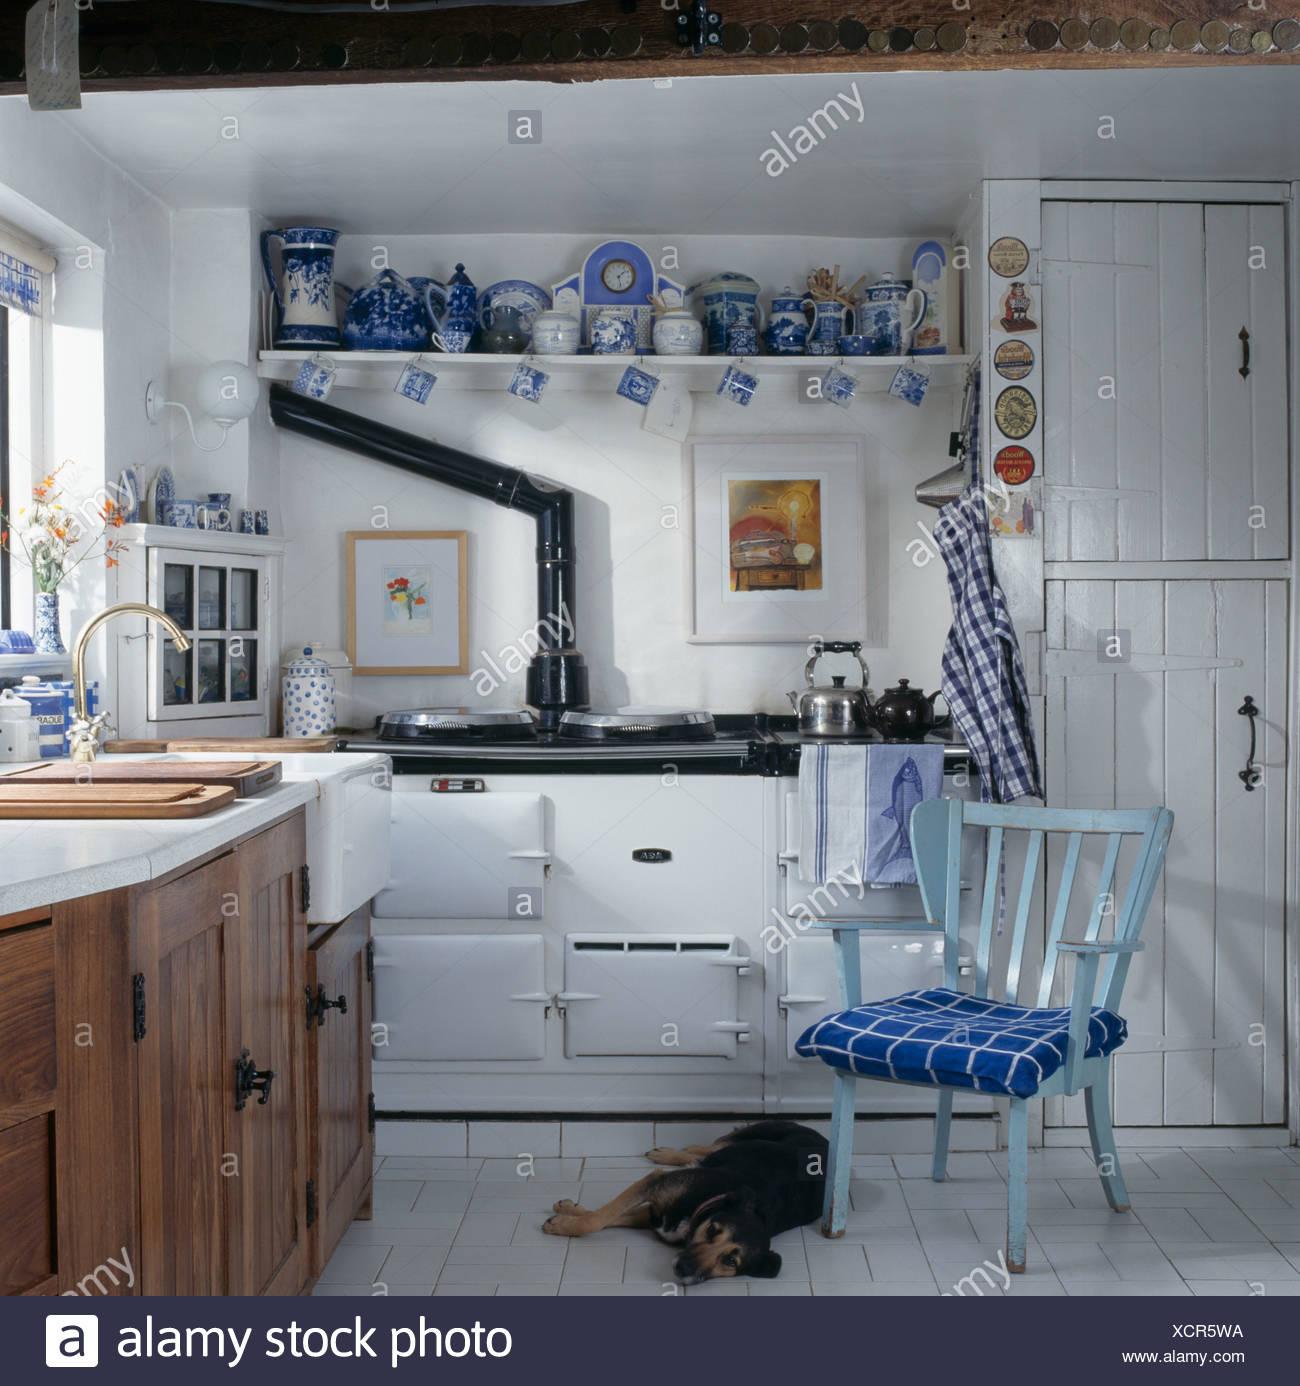 Tolle Billigste Weg, Küchenboden Wiederholen Bilder - Ideen Für Die ...